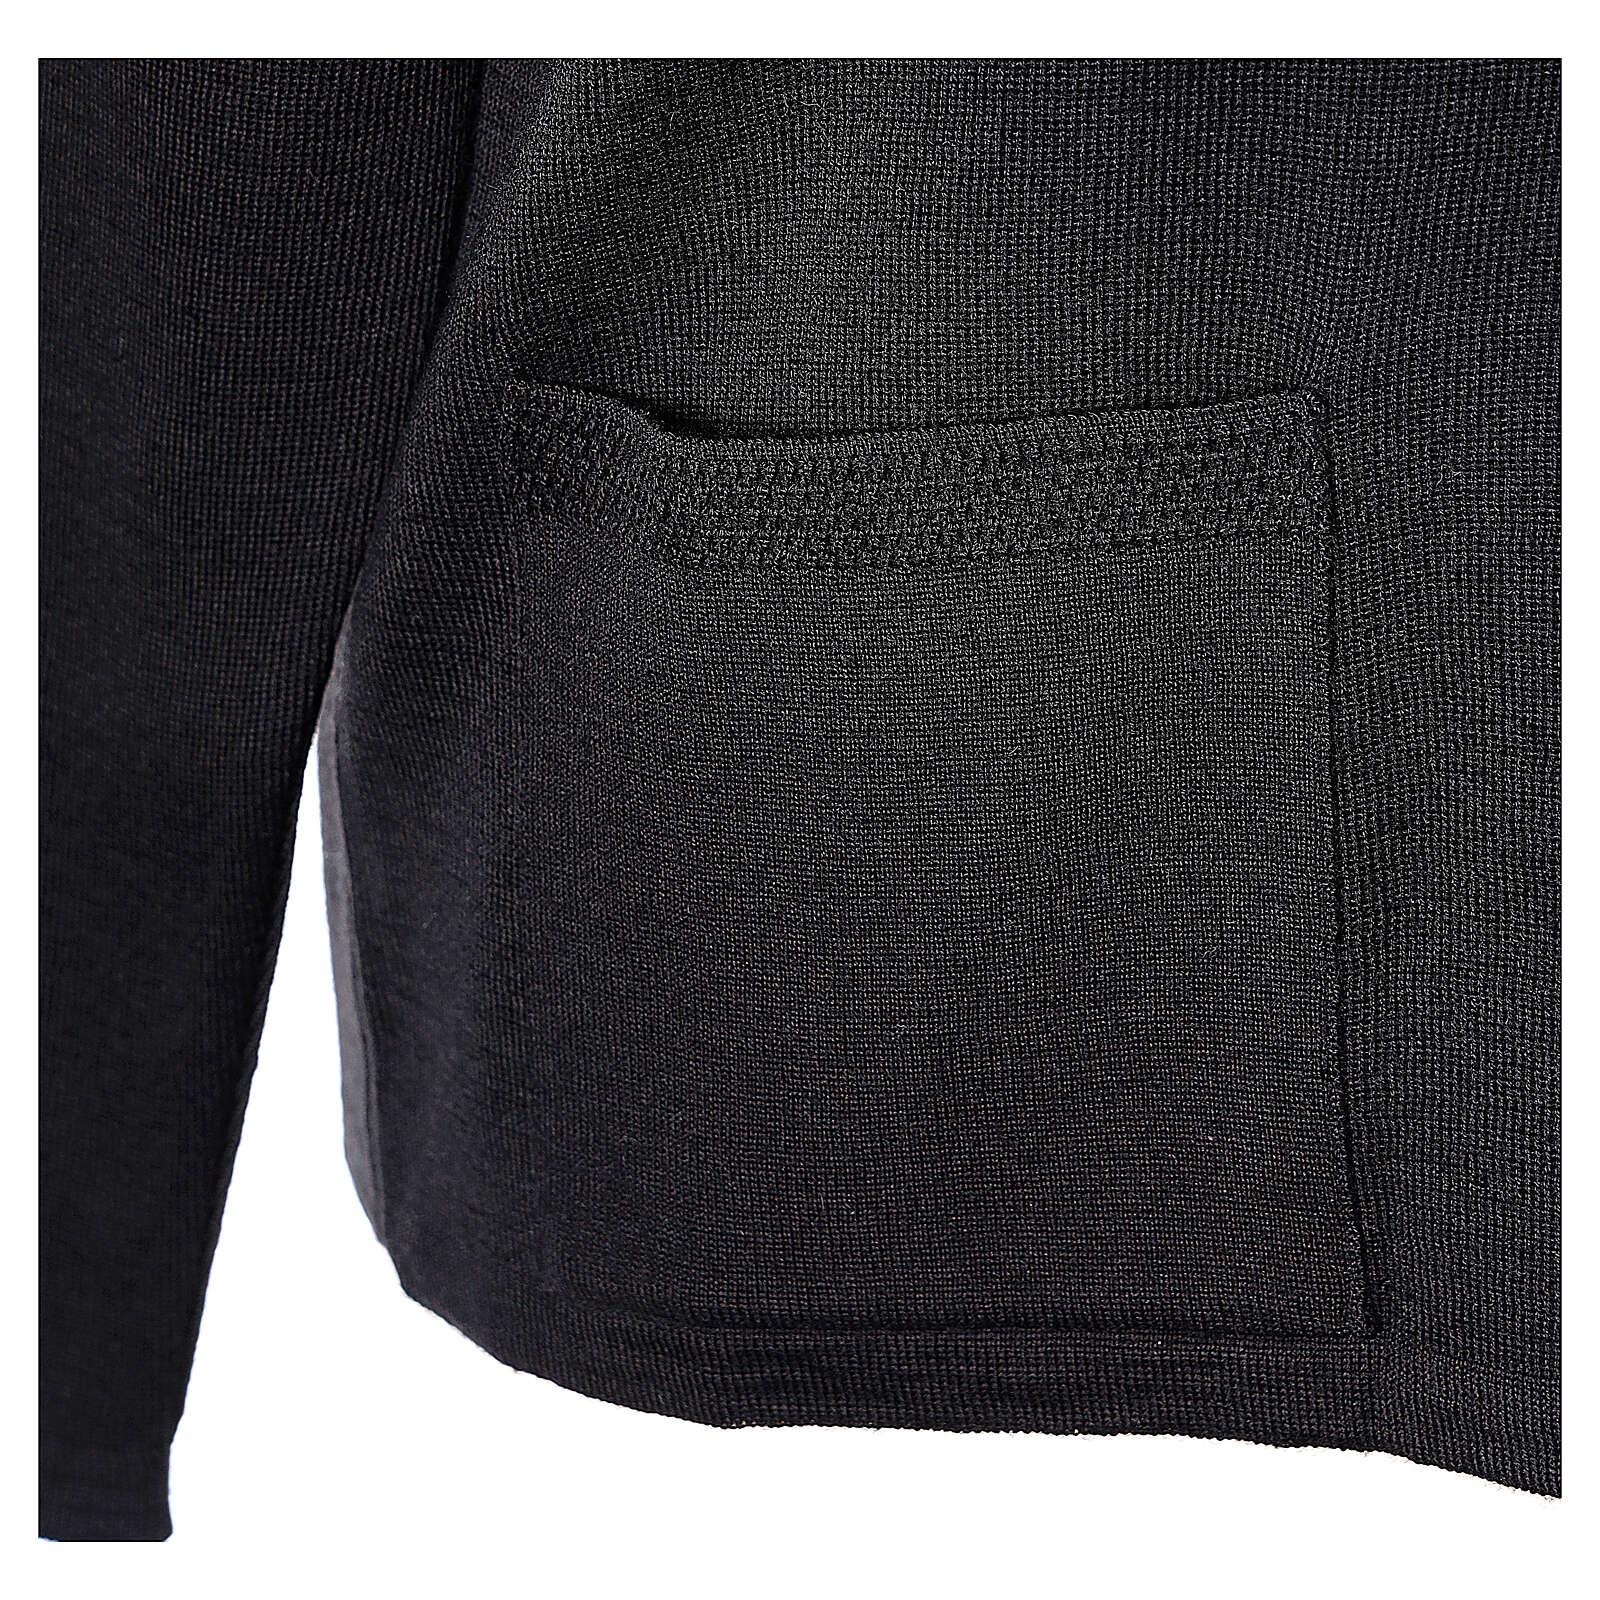 Cardigan suora nero collo V tasche TAGLIE CONF. 50% acr. 50% merino In Primis 4